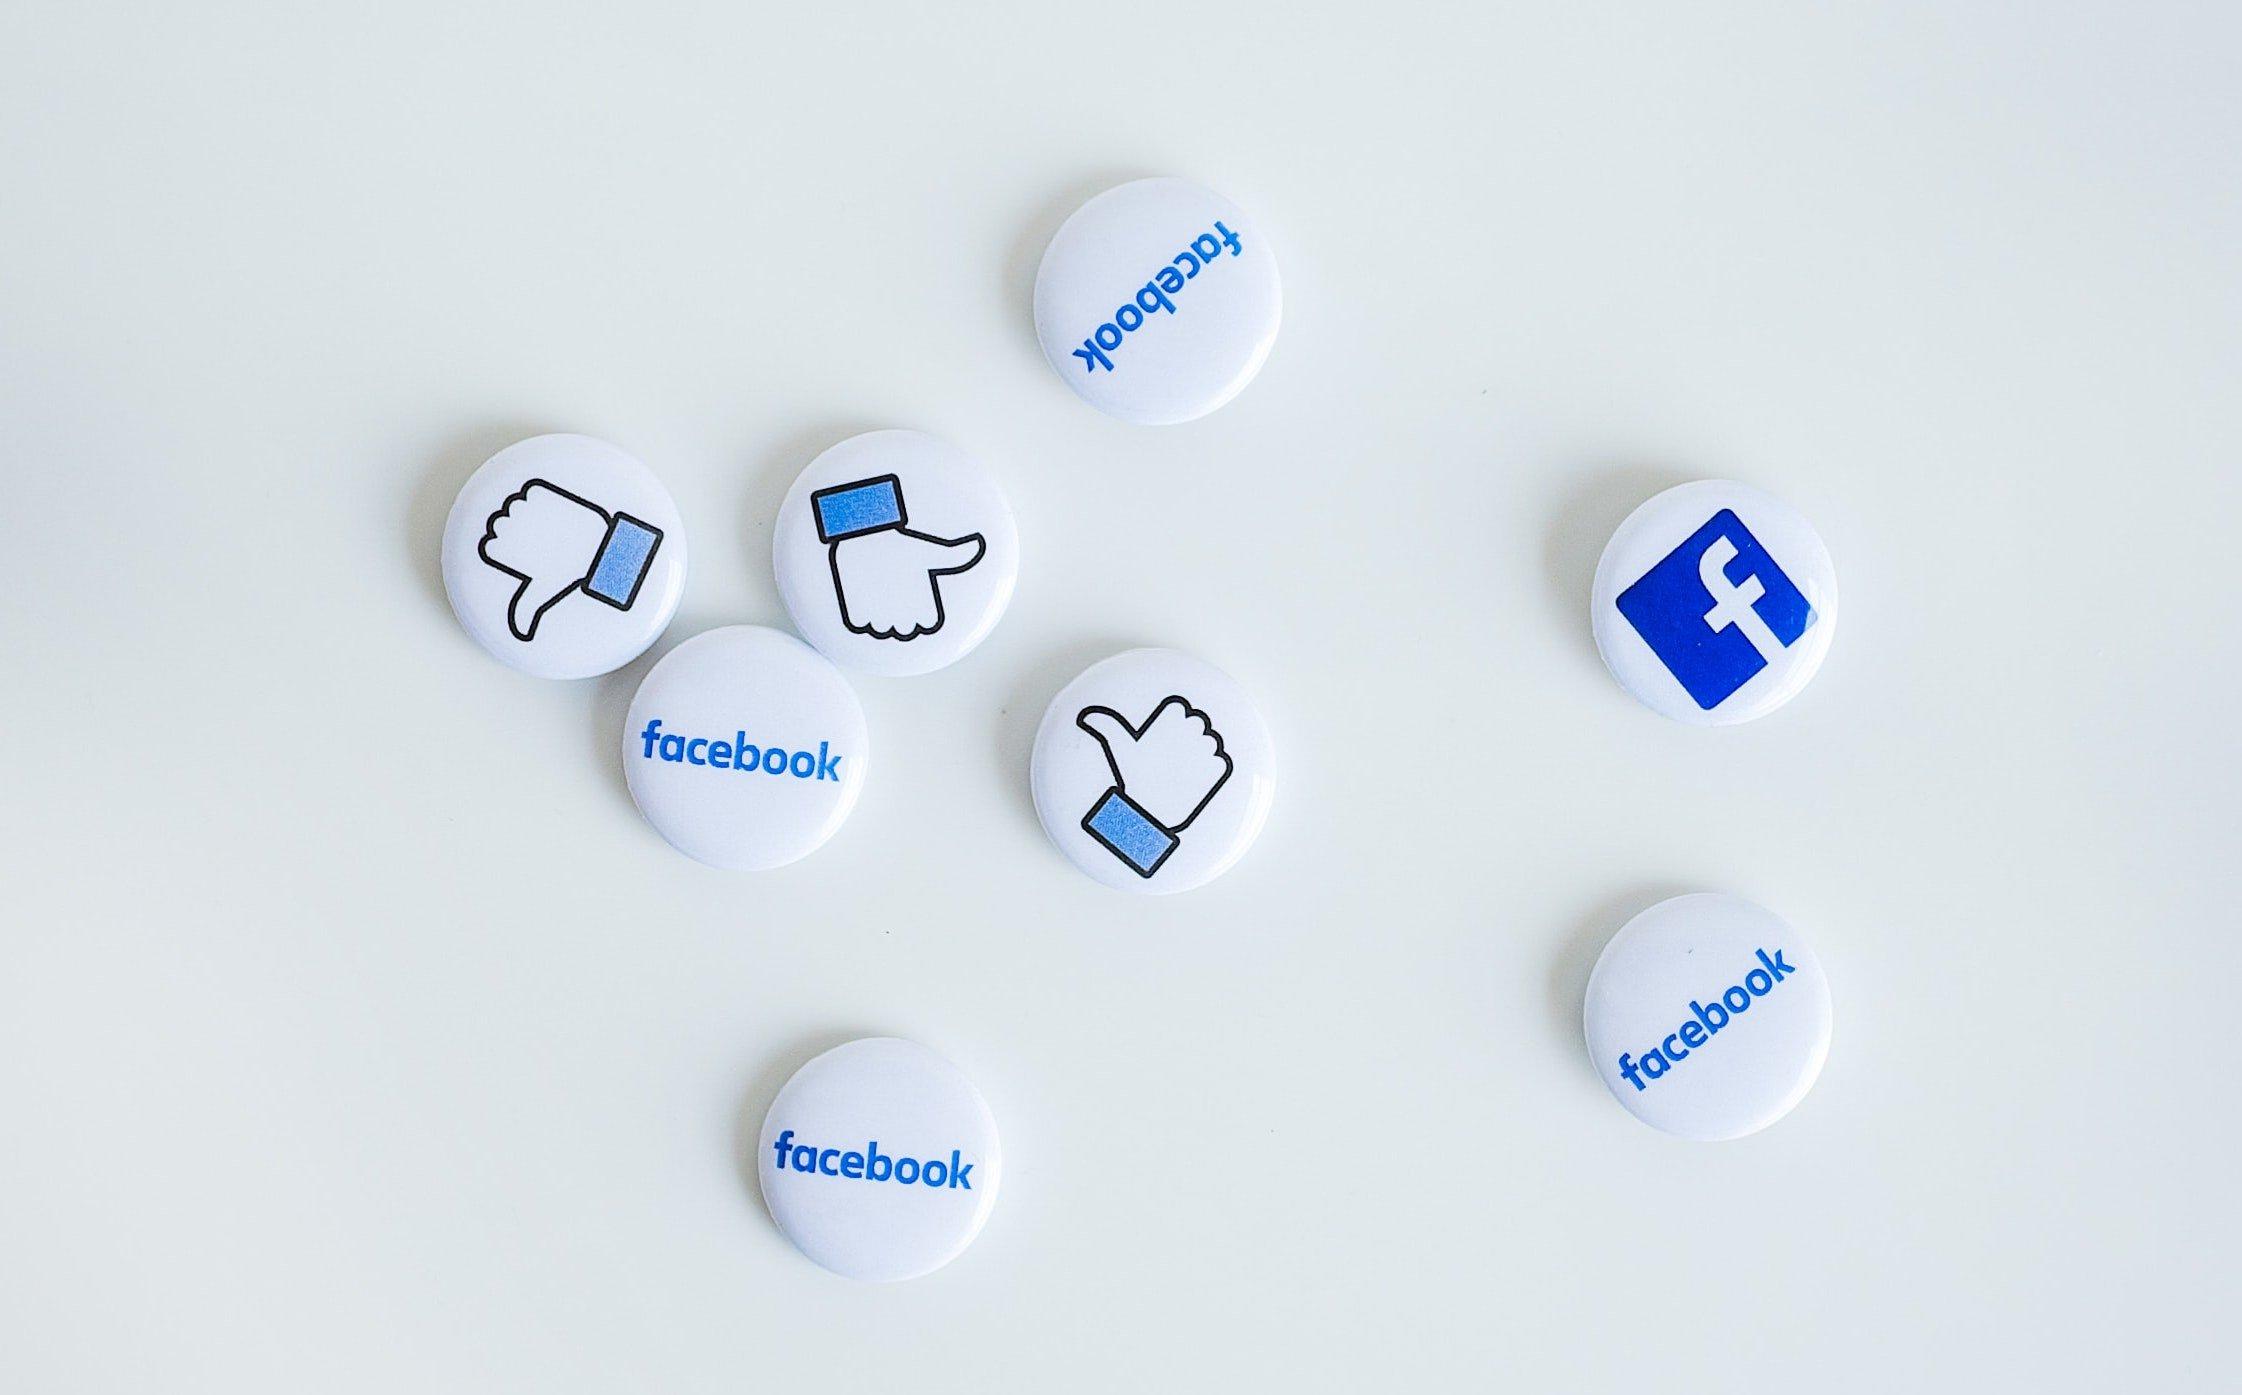 RÉSOLAB : La prévention des risques liés aux réseaux sociaux